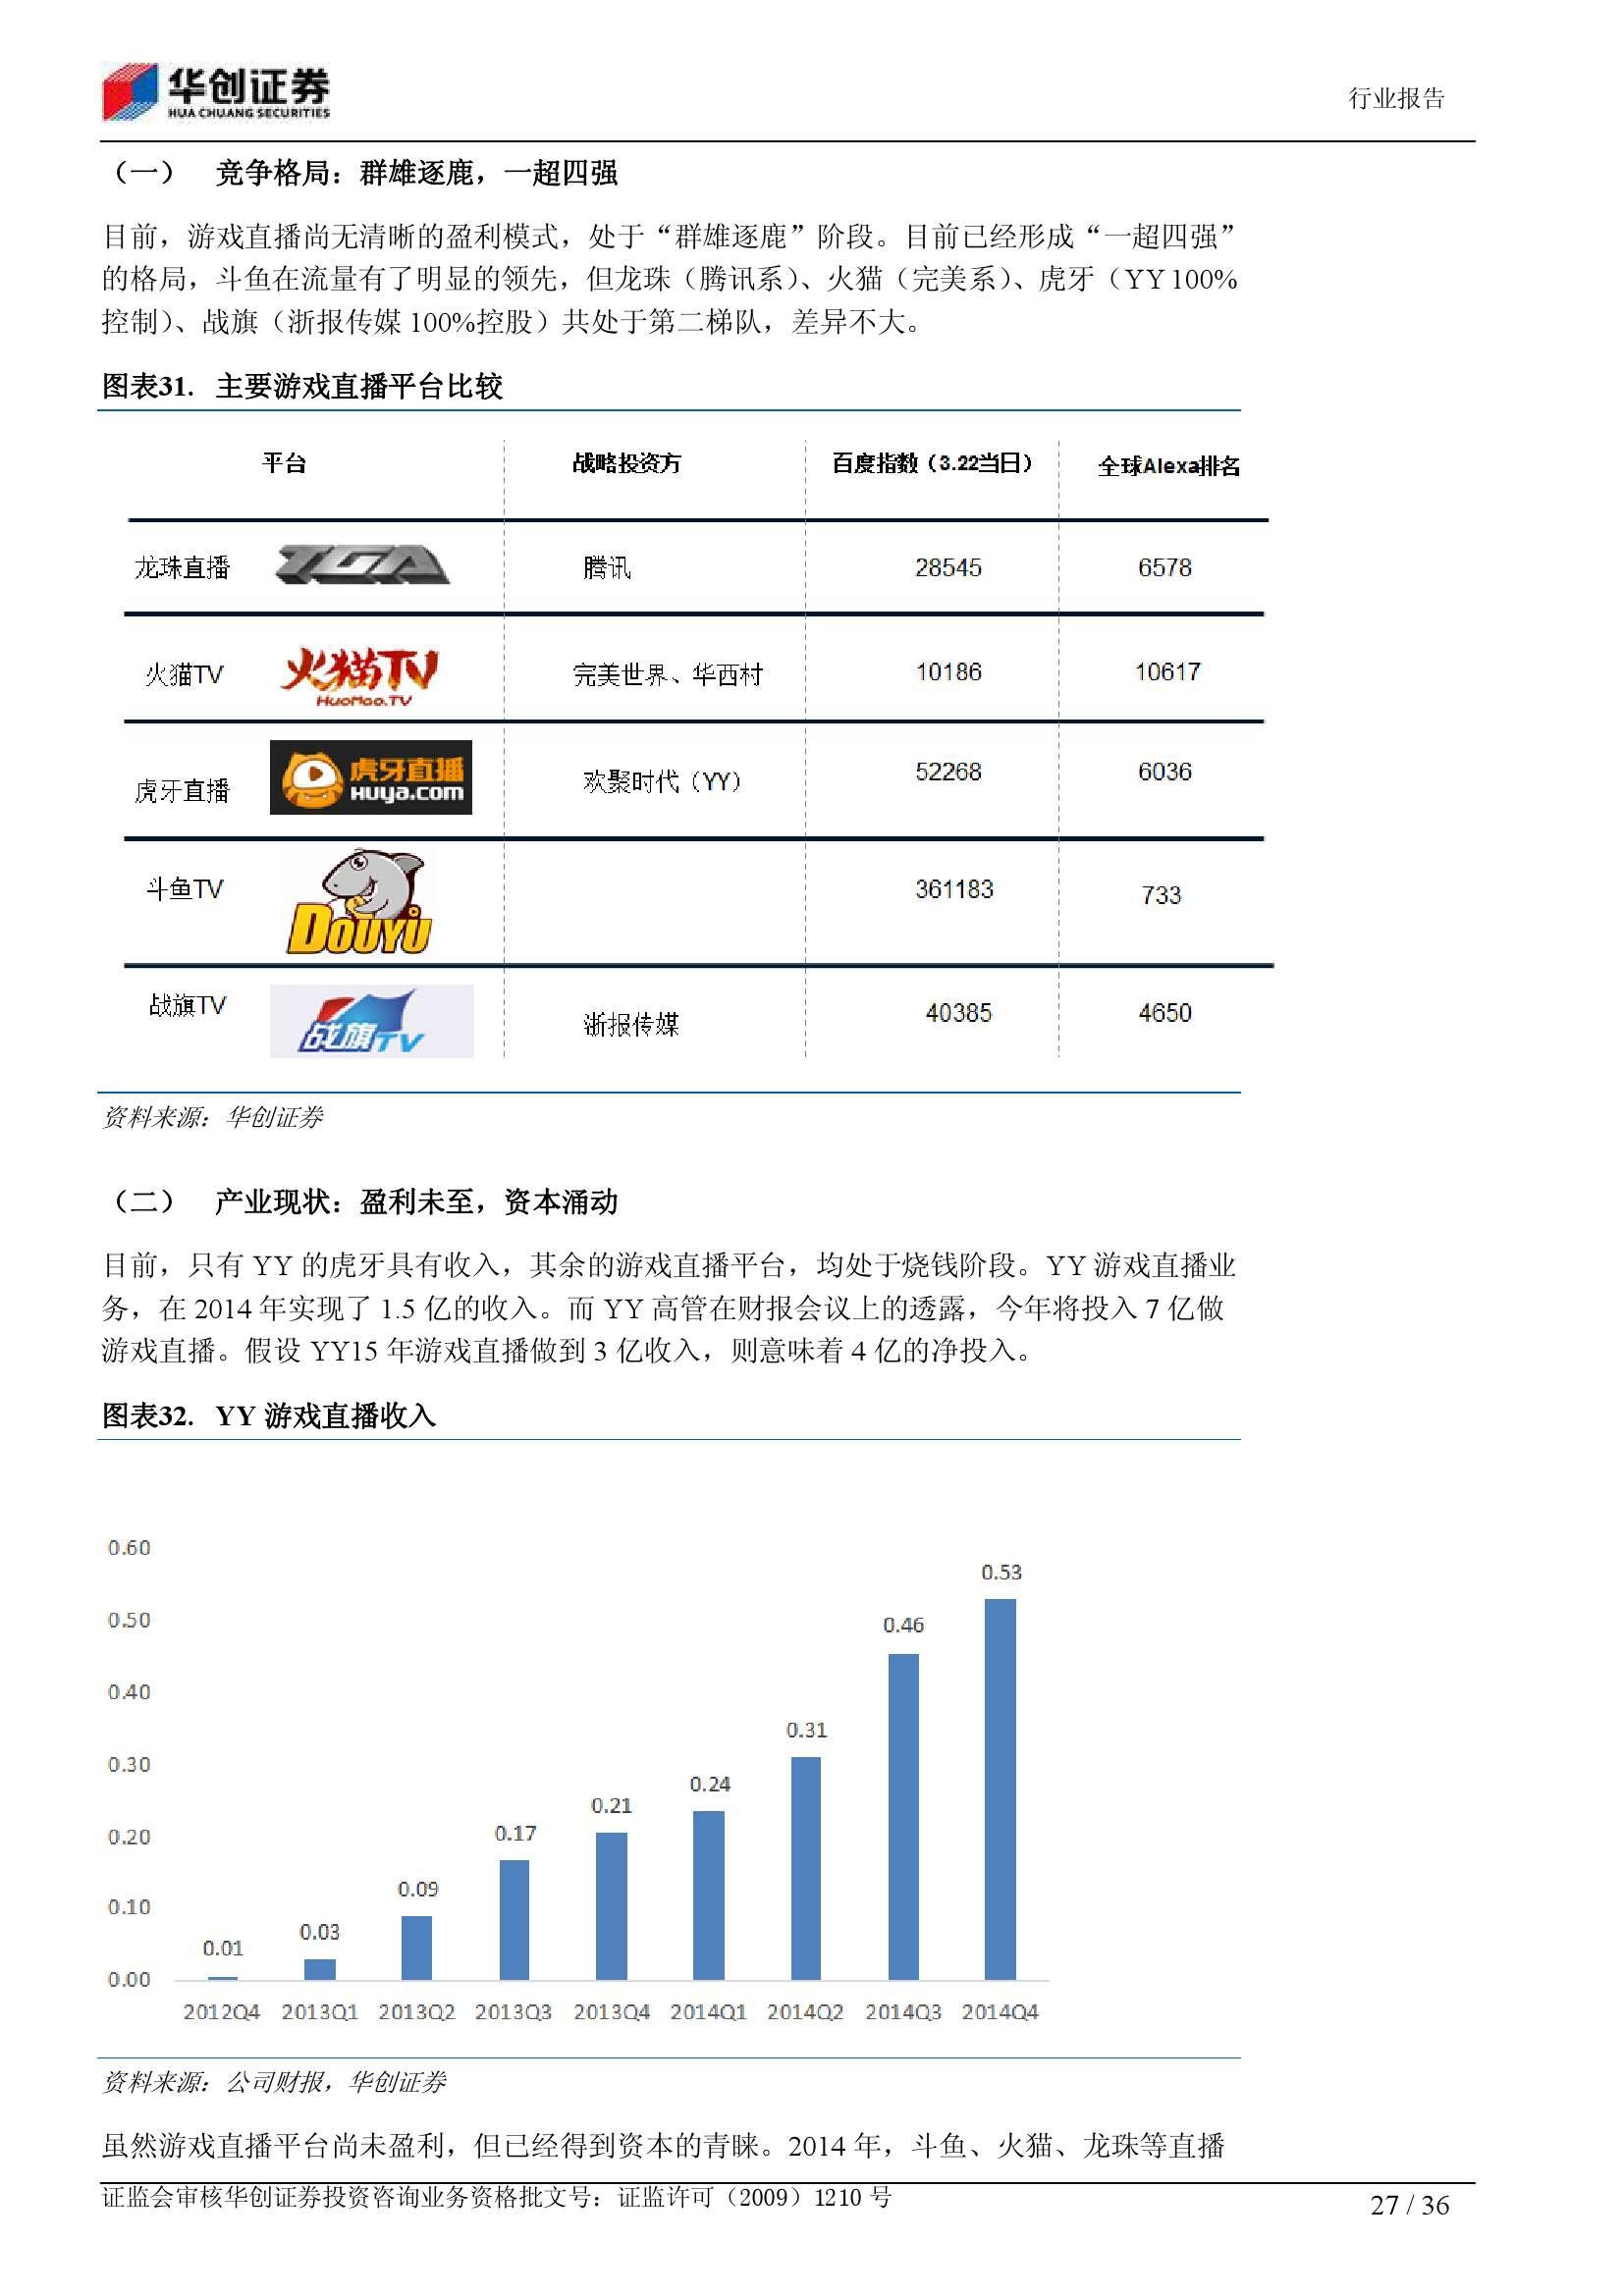 电子竞技深度报告:从小众娱乐 到千亿产业_000027